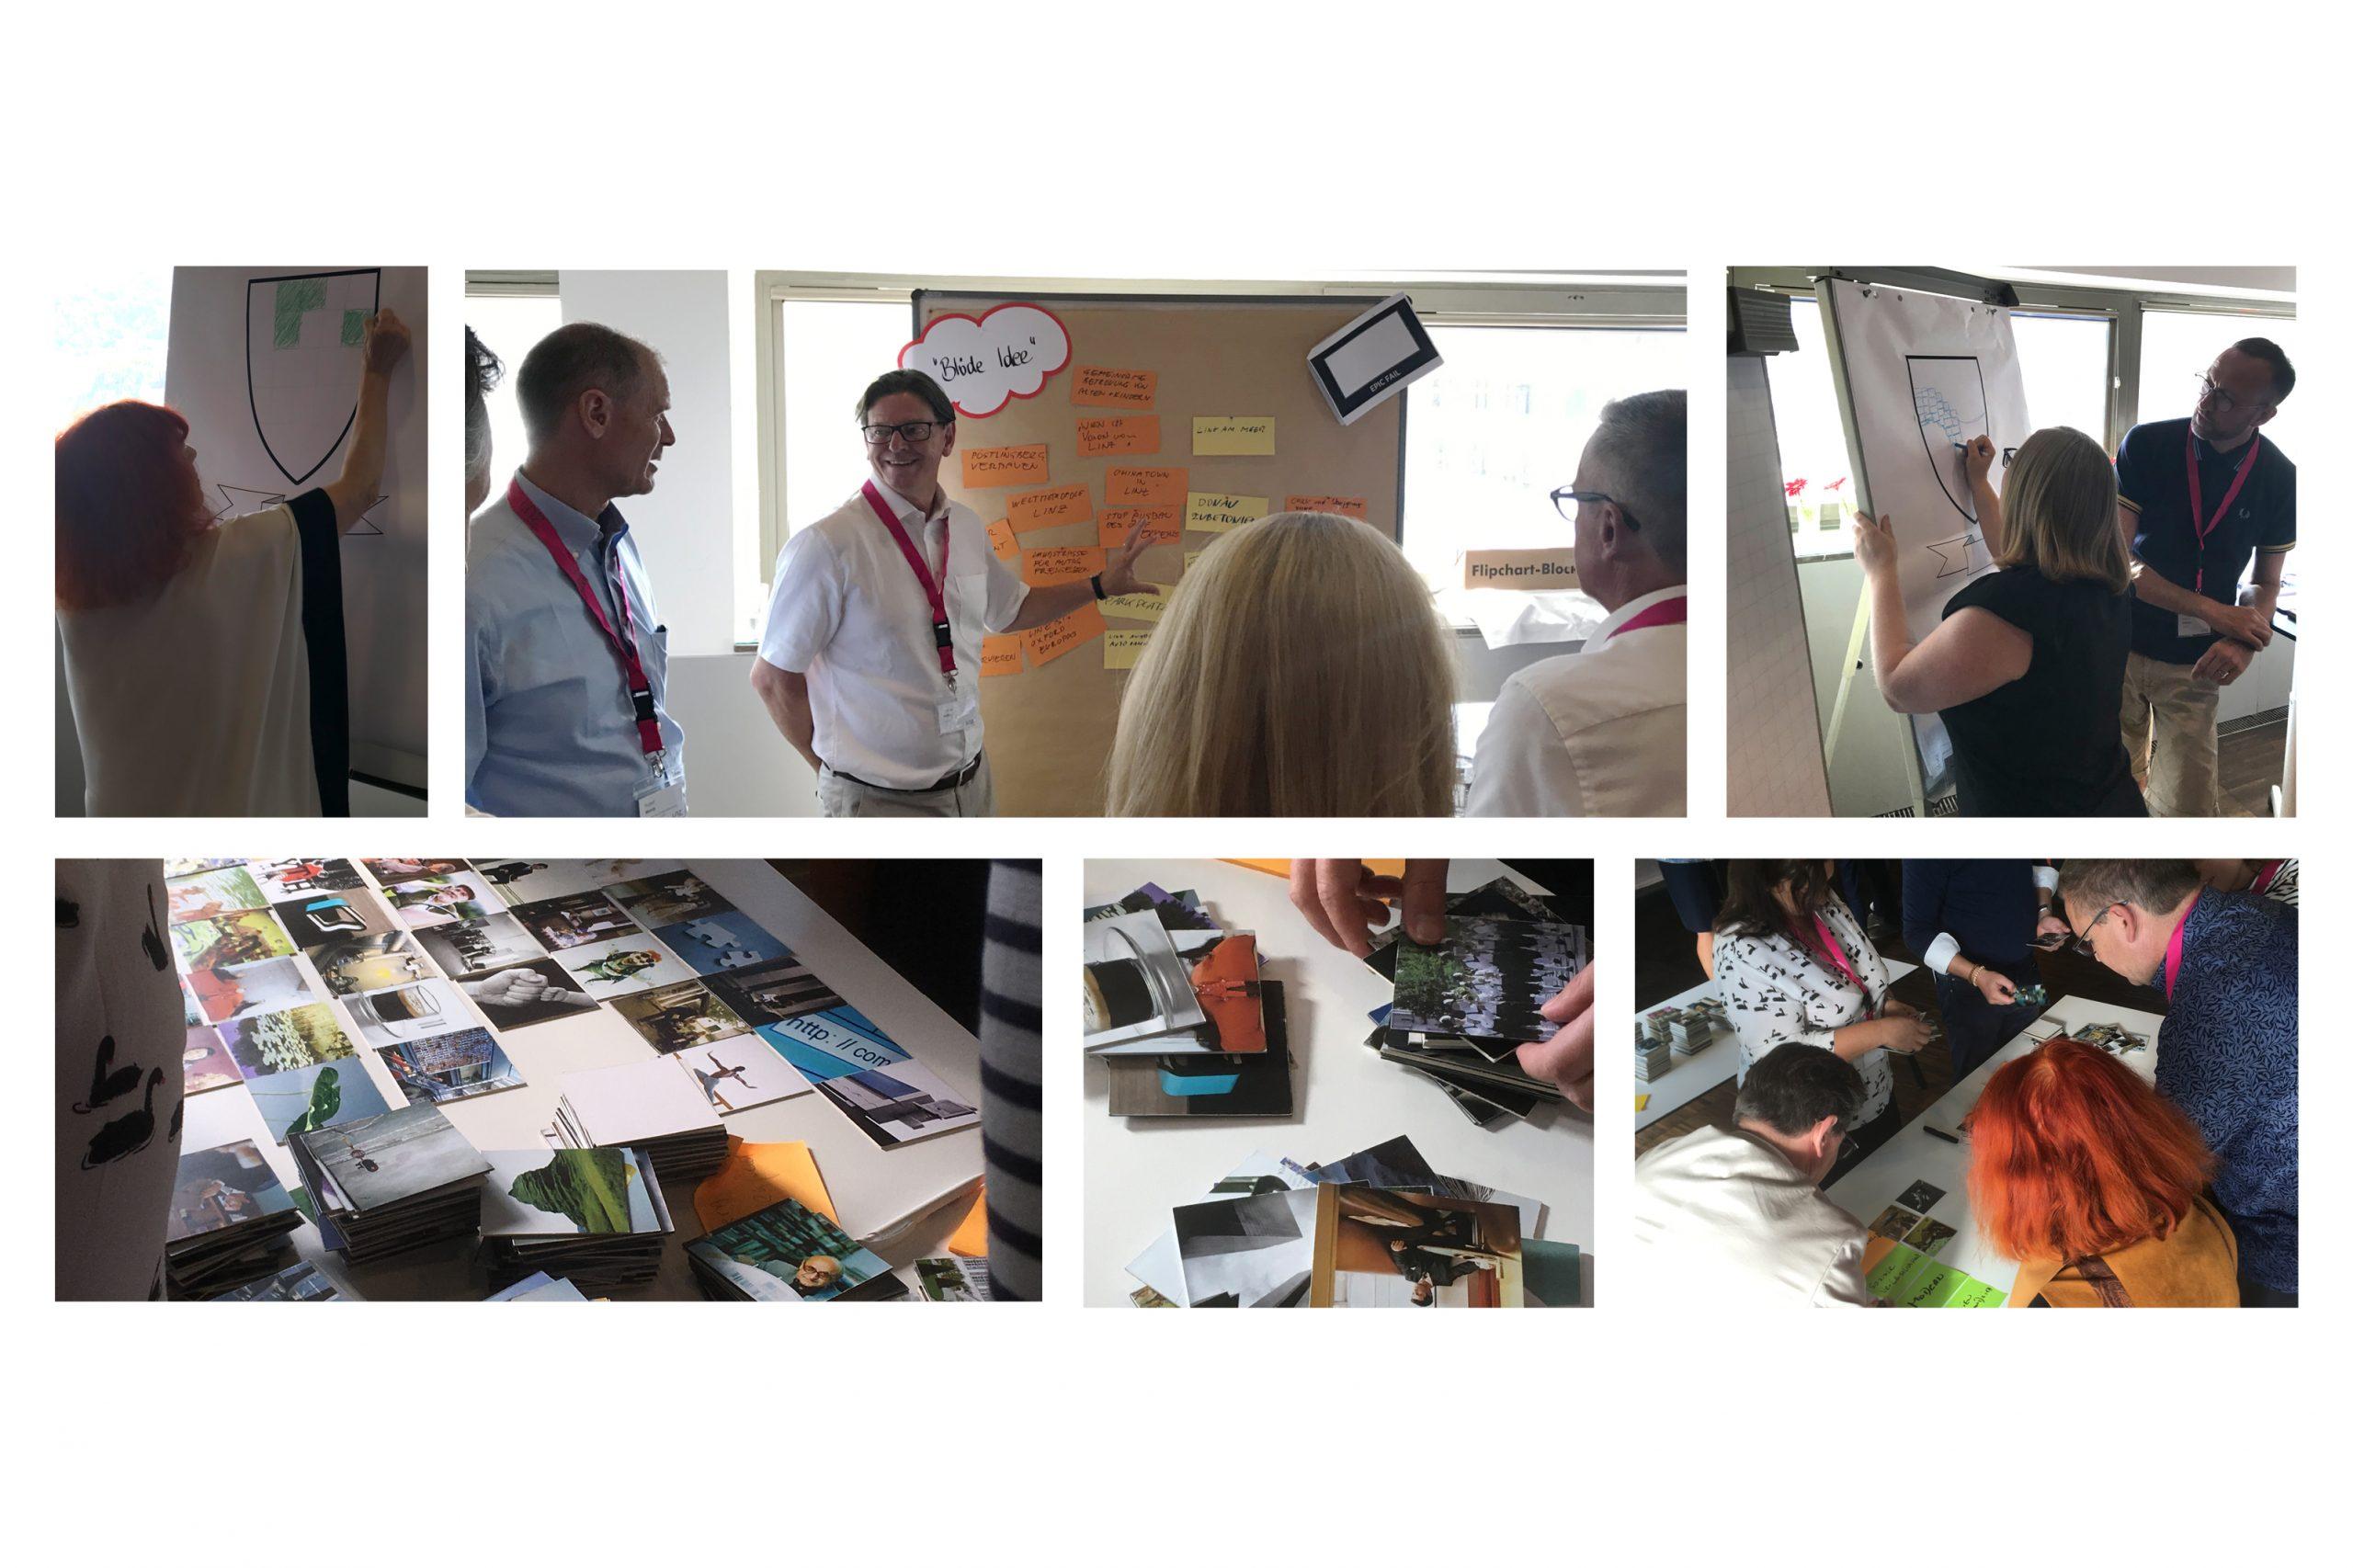 Linz City Branding Workshops Stakeholder